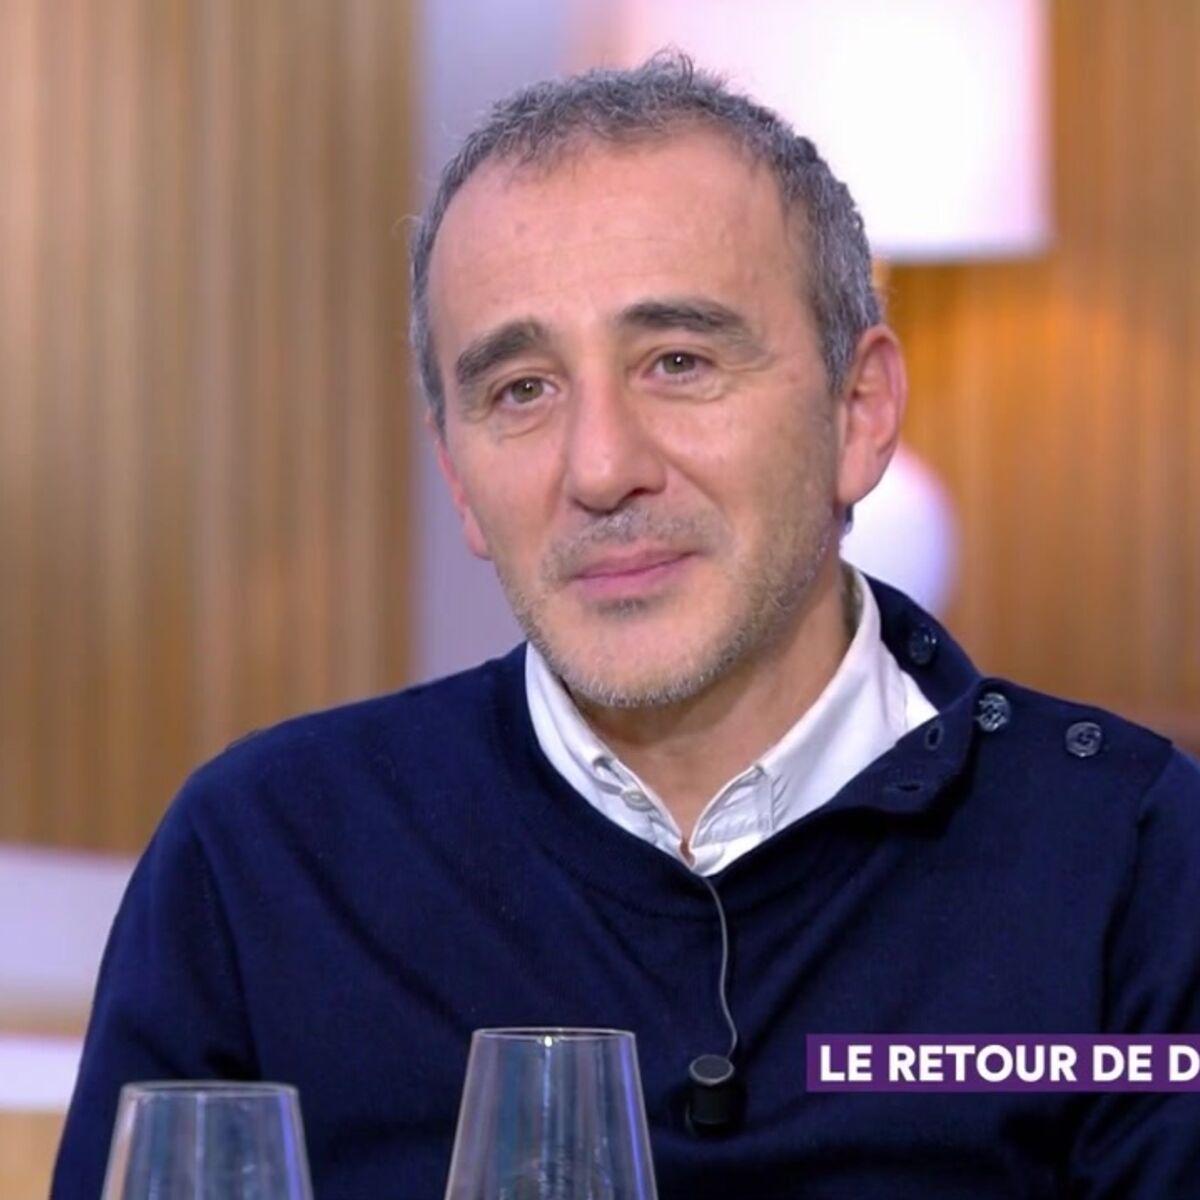 Elie Semoun Emu Il Se Confie Sur L Etat De Son Pere Atteint D Alzheimer Qui Continue A Perdre La Boule Femme Actuelle Le Mag